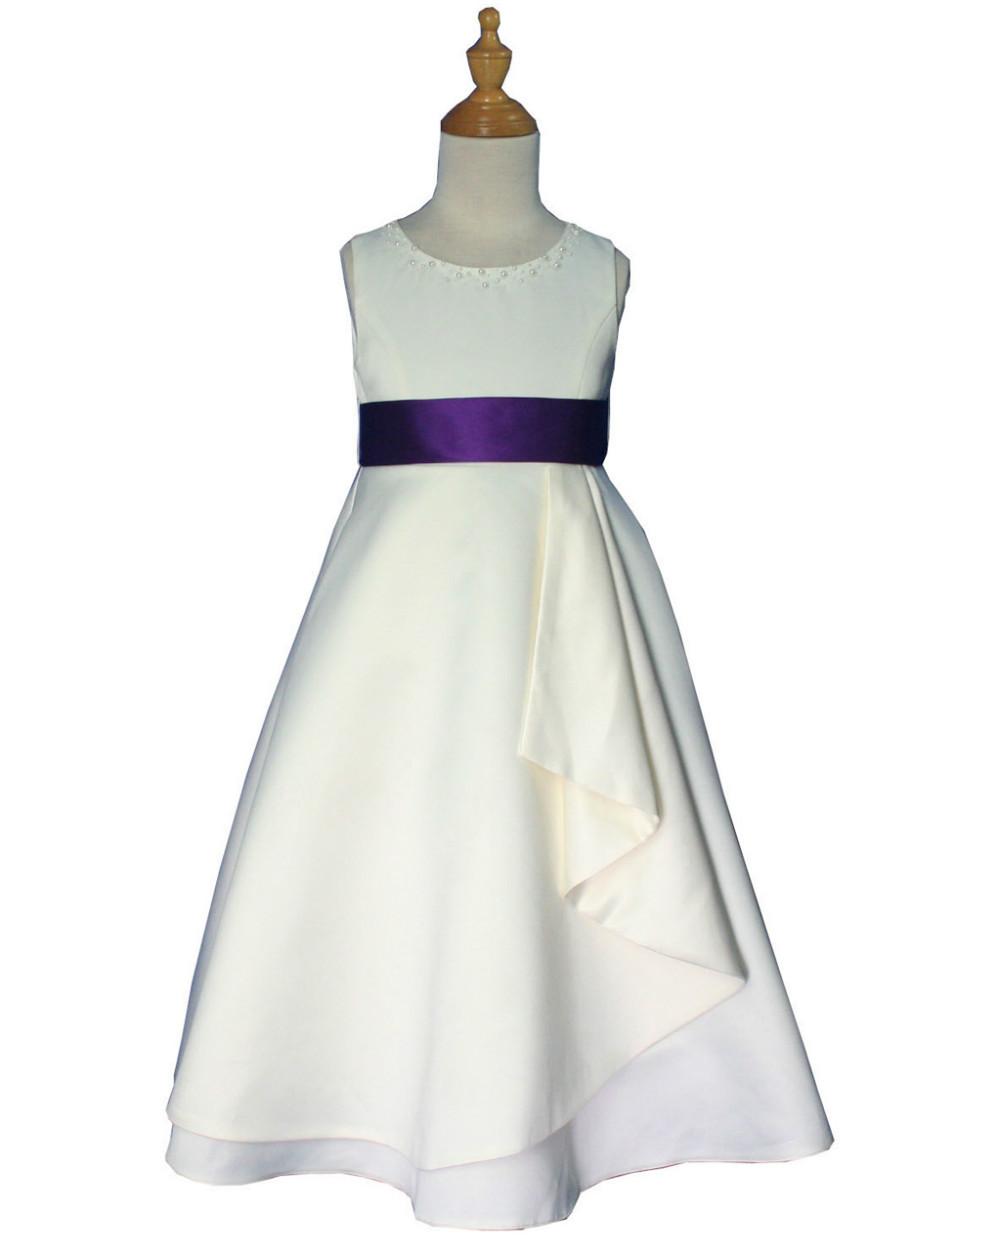 слоновой кости & Фиолетовая атласная конкурс Цветочница платье 2 4 6 8 10 12 лет